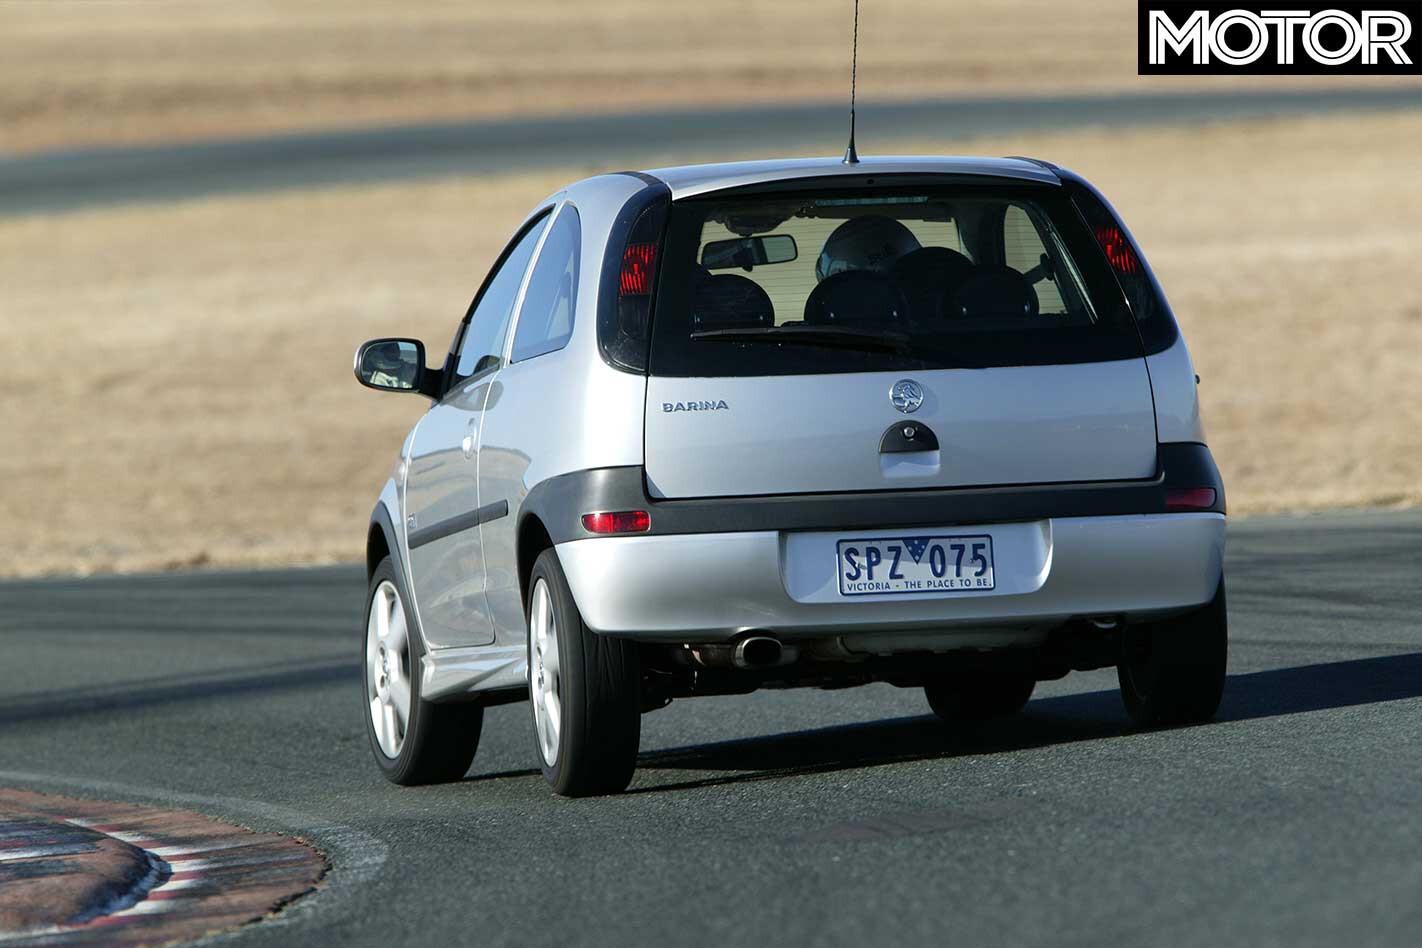 2001 Holden Barina S Ri Rear Dynamic Jpg